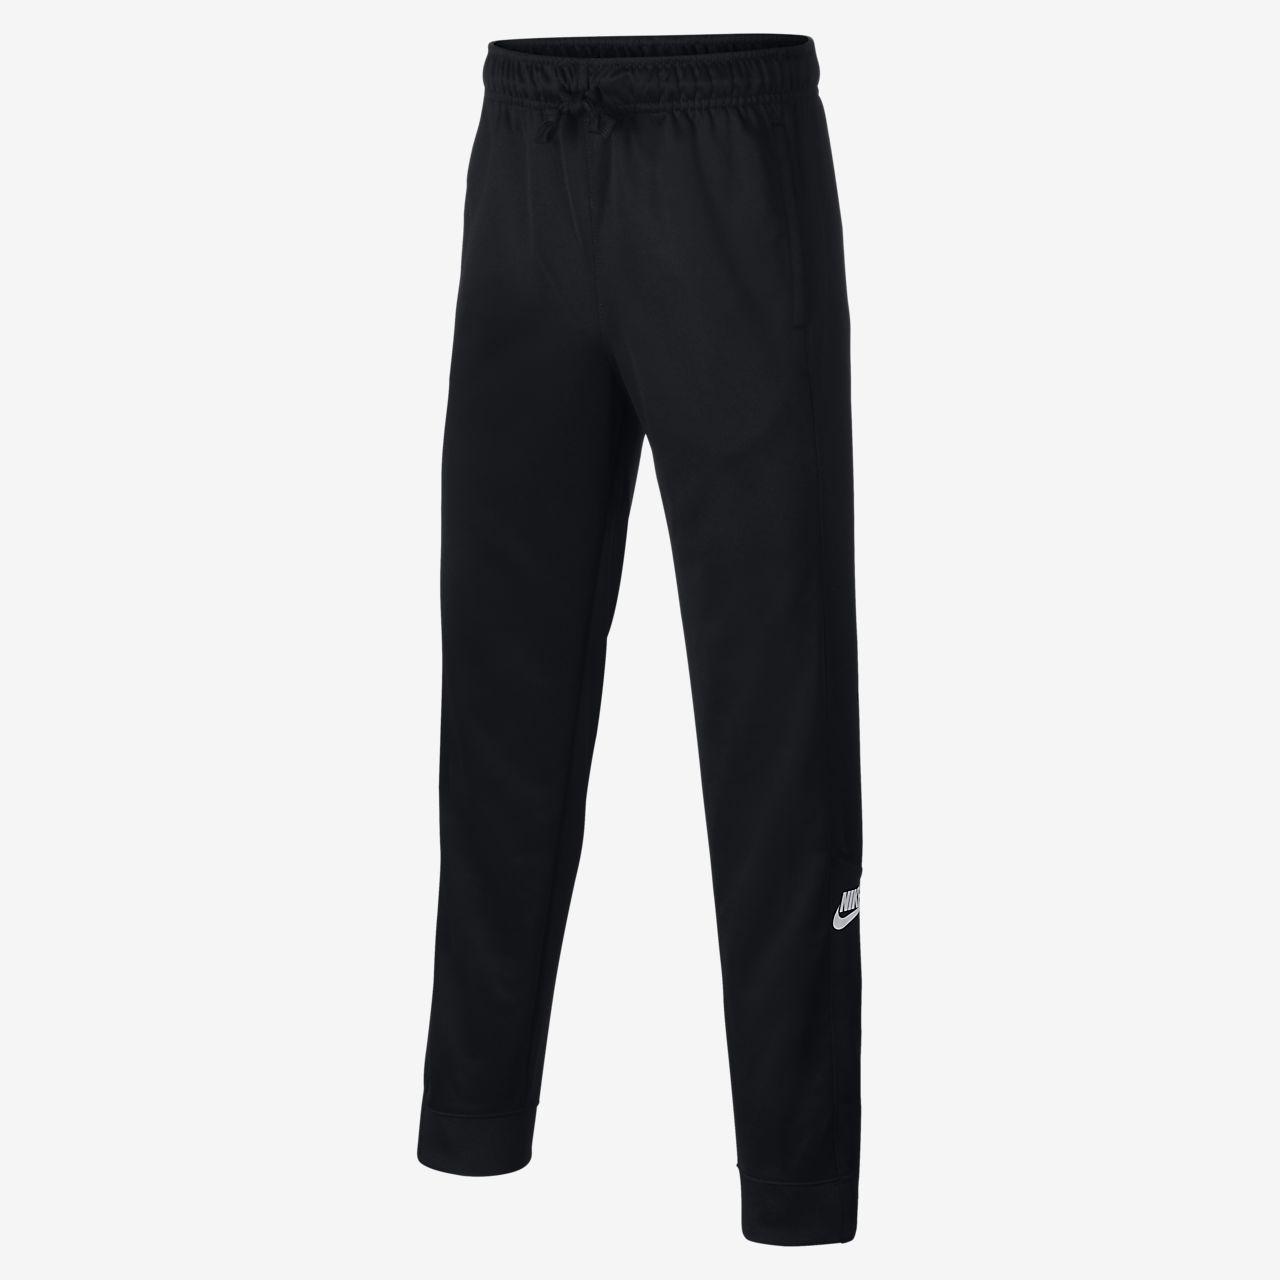 กางเกงเด็กโต Nike Sportswear (ชาย)